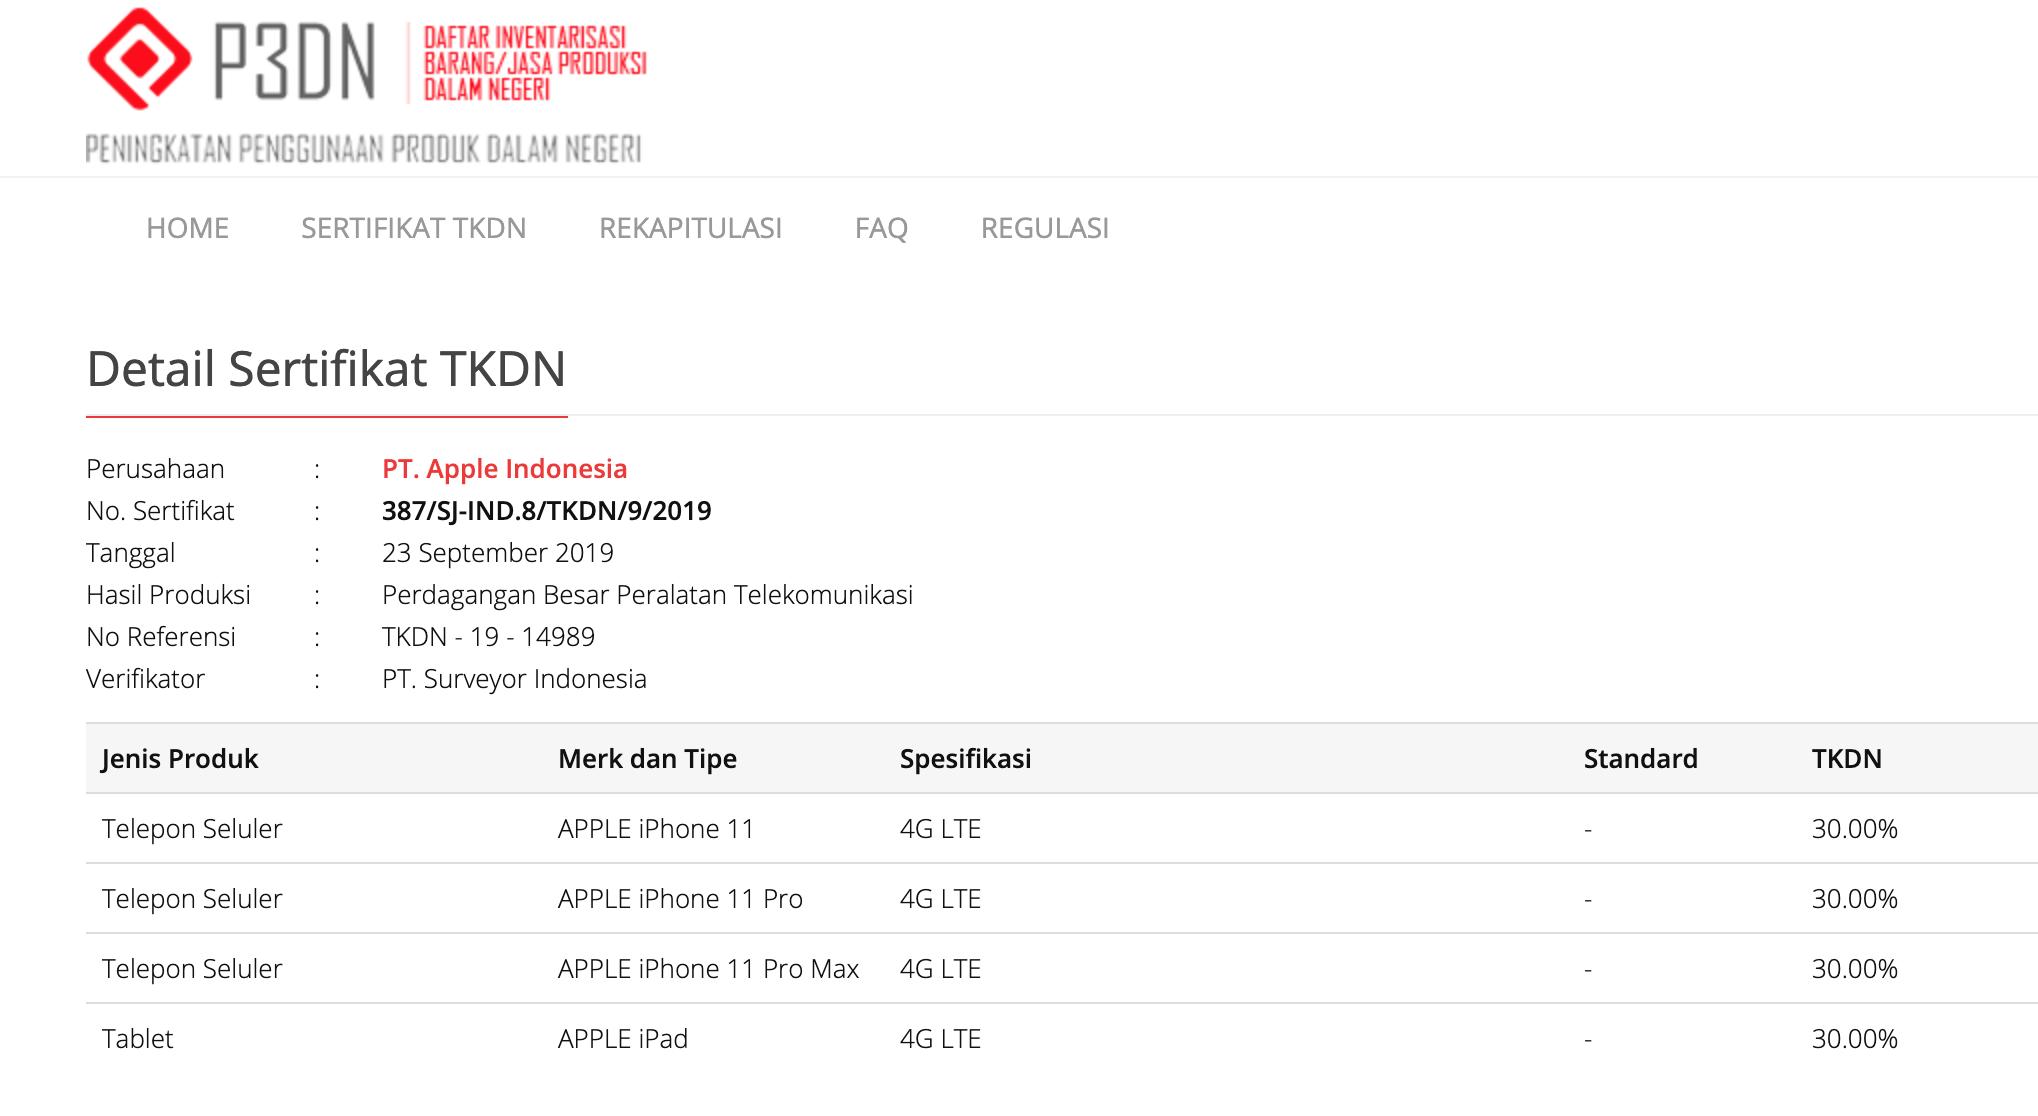 Ponsel Di Indonesia Segera Halangi Bm Series 11 Hadir Iphone